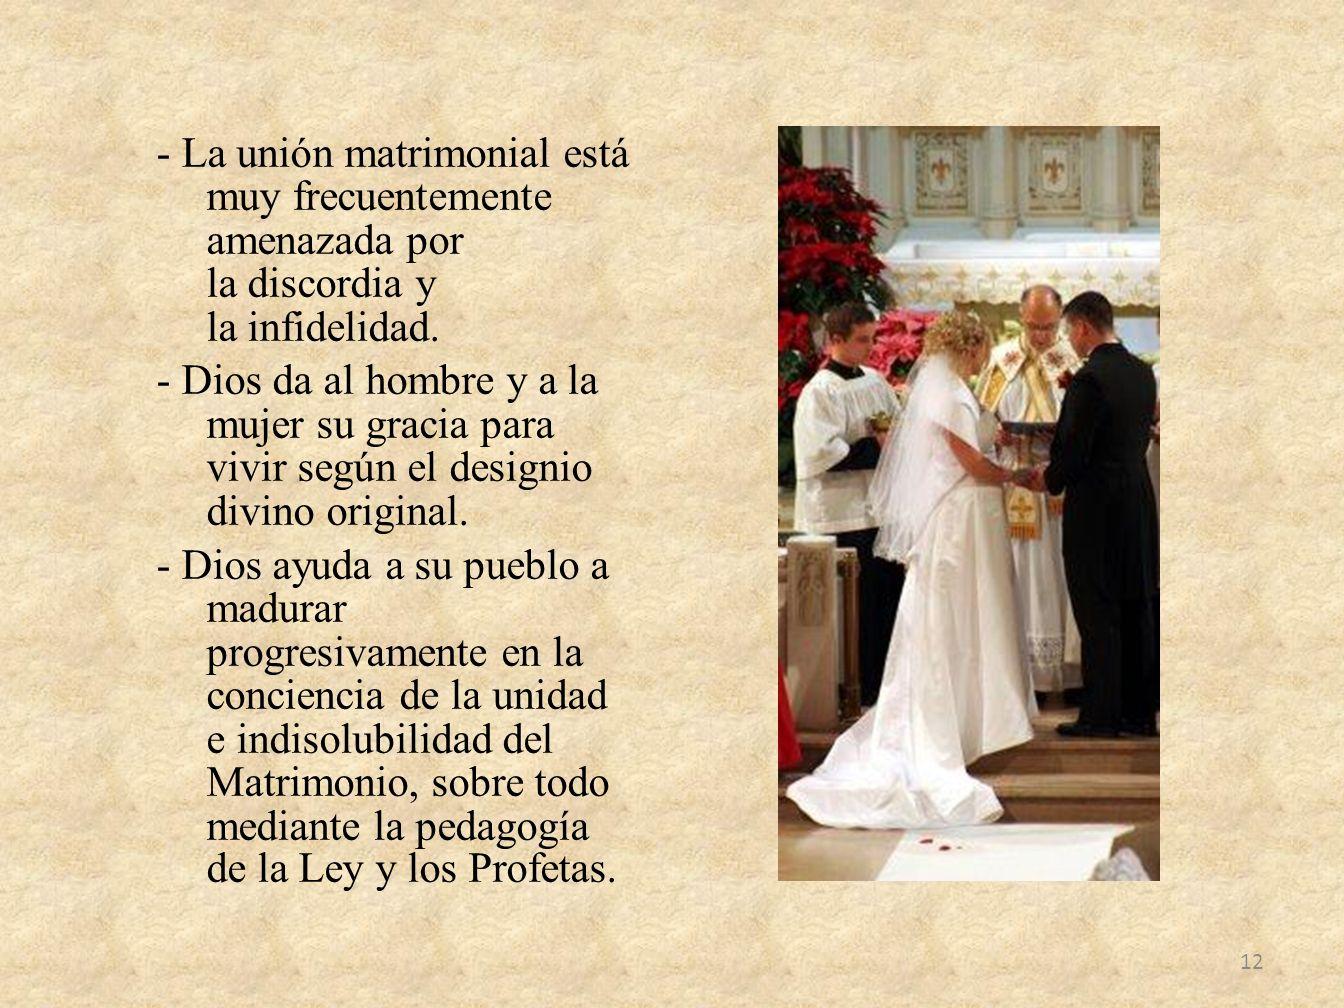 - La unión matrimonial está muy frecuentemente amenazada por la discordia y la infidelidad. - Dios da al hombre y a la mujer su gracia para vivir segú